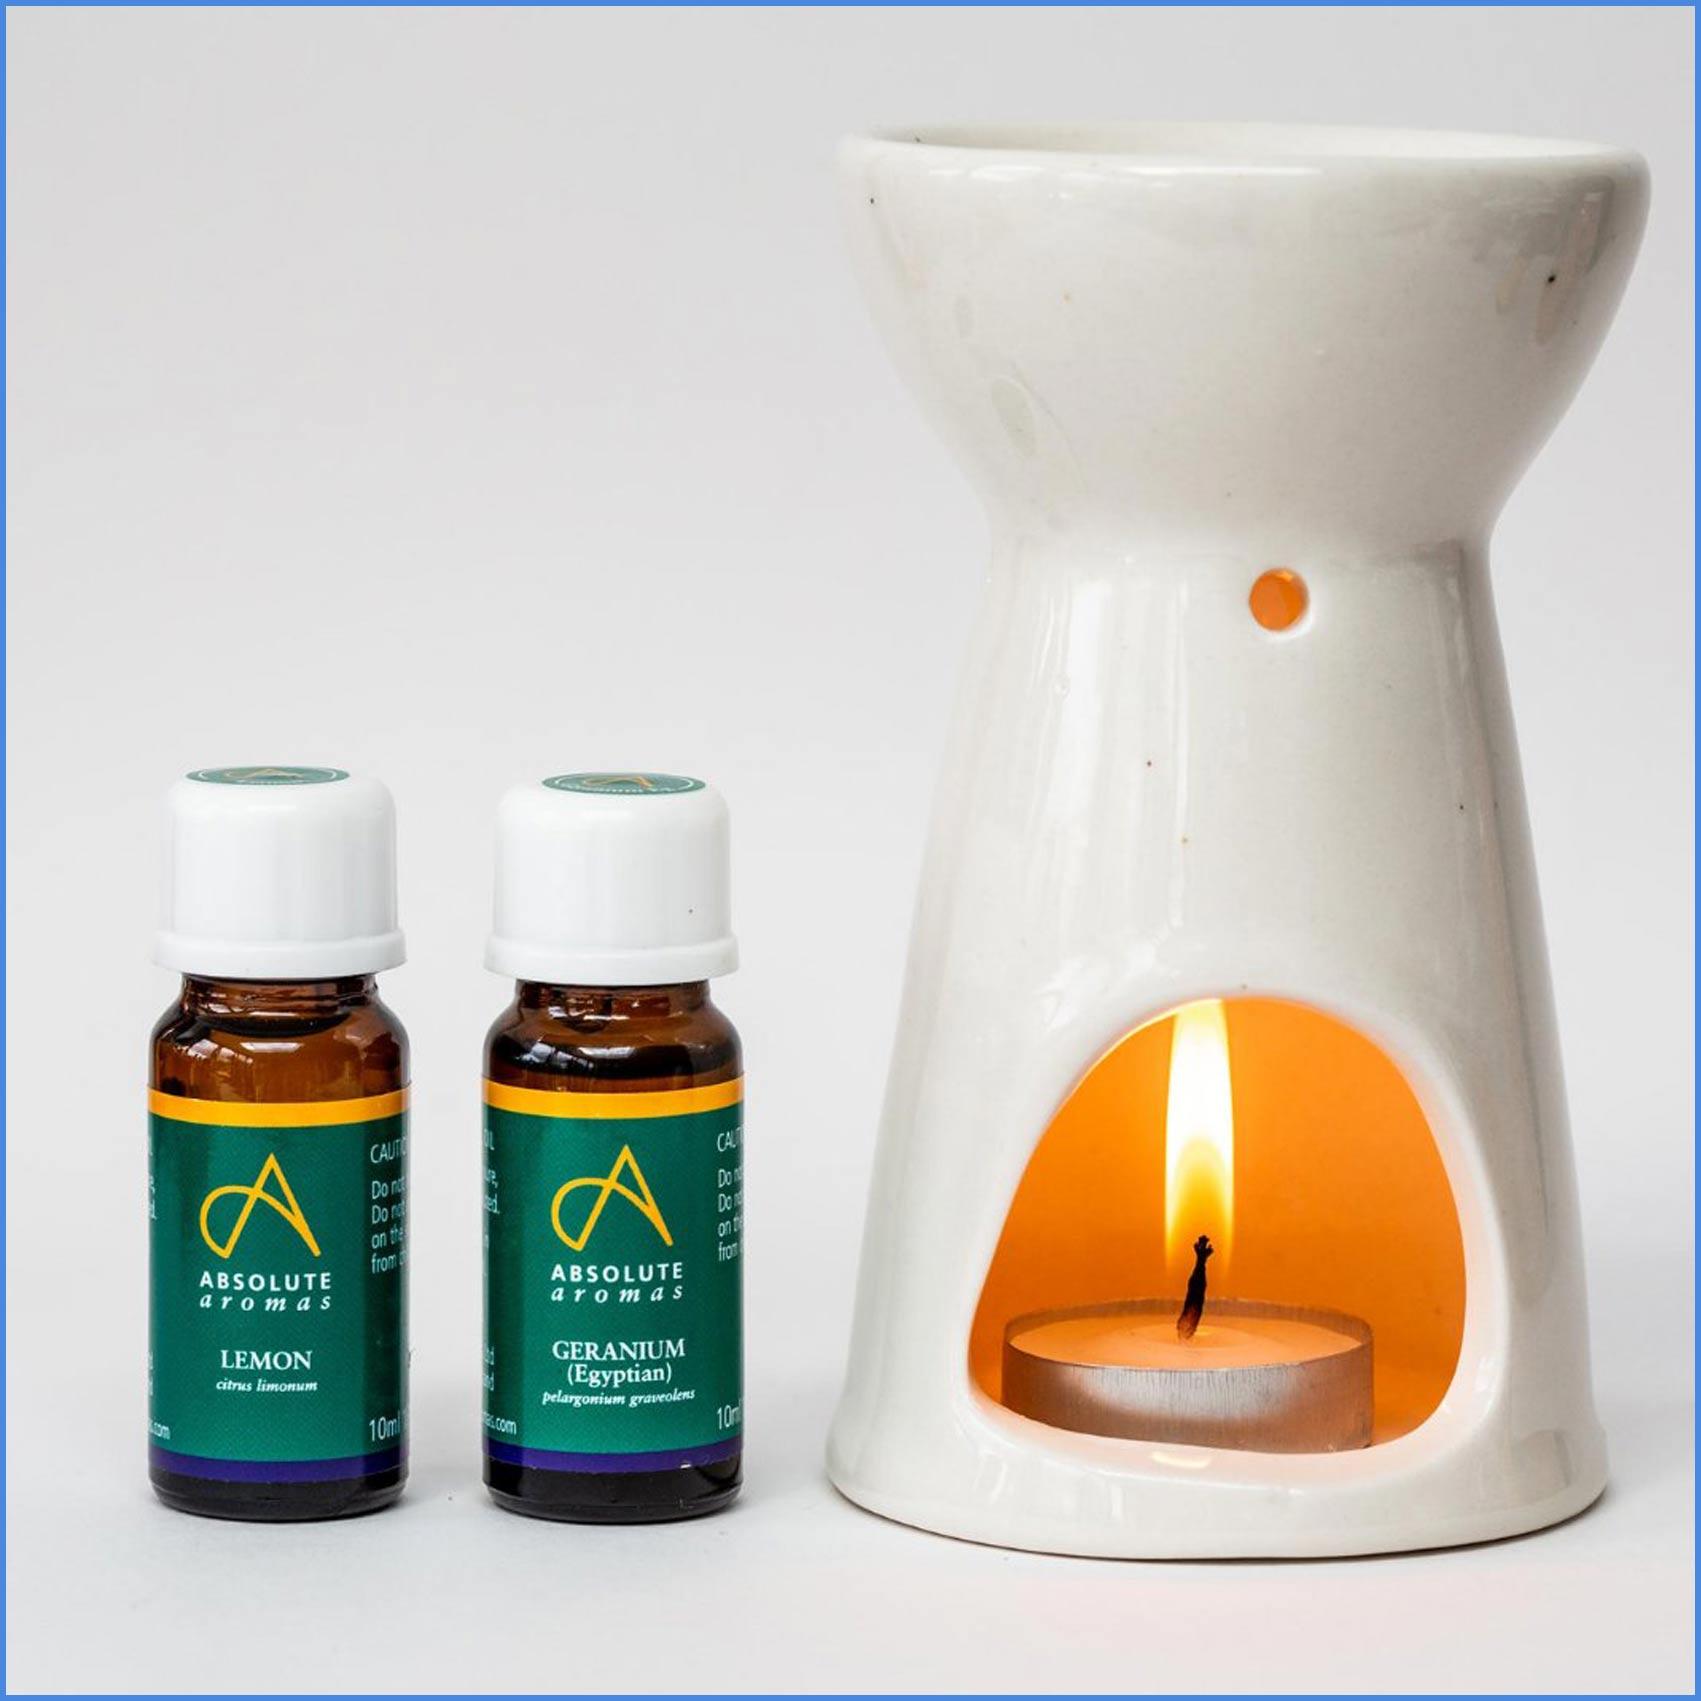 Oil Burner for Essential Oils